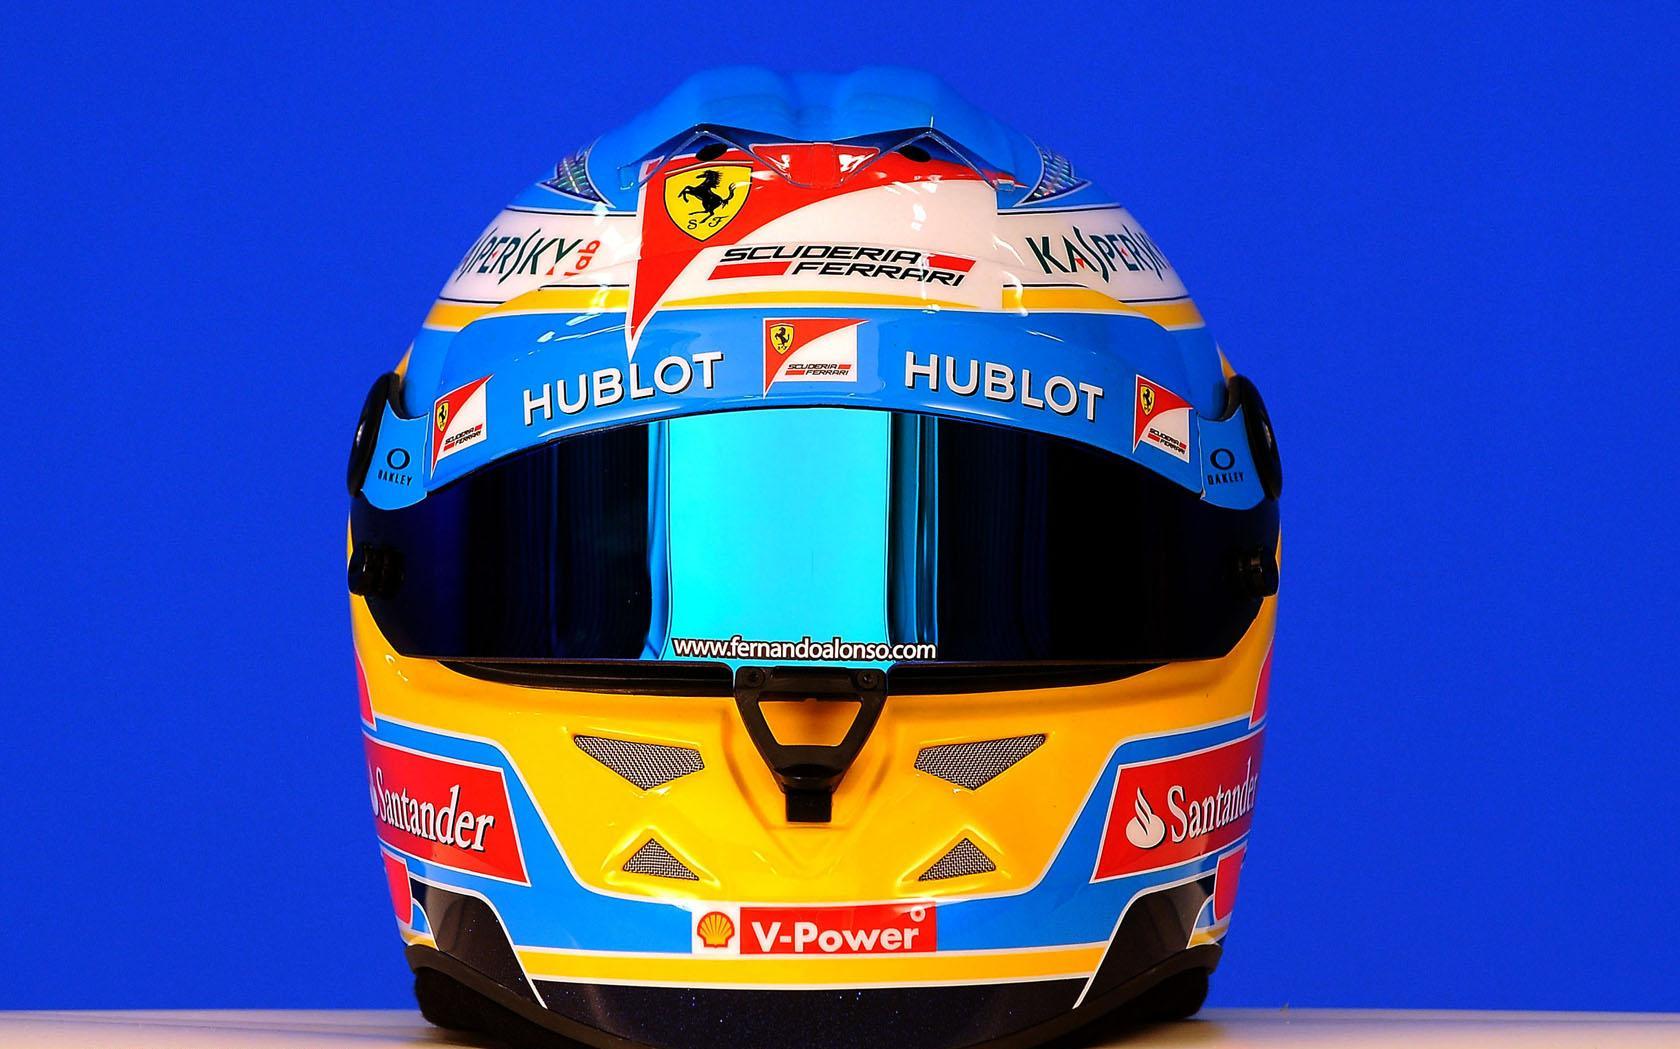 Alonso: Ha nem hozom ki magamból a legjobbat, Raikkönen fog előrébb végezni